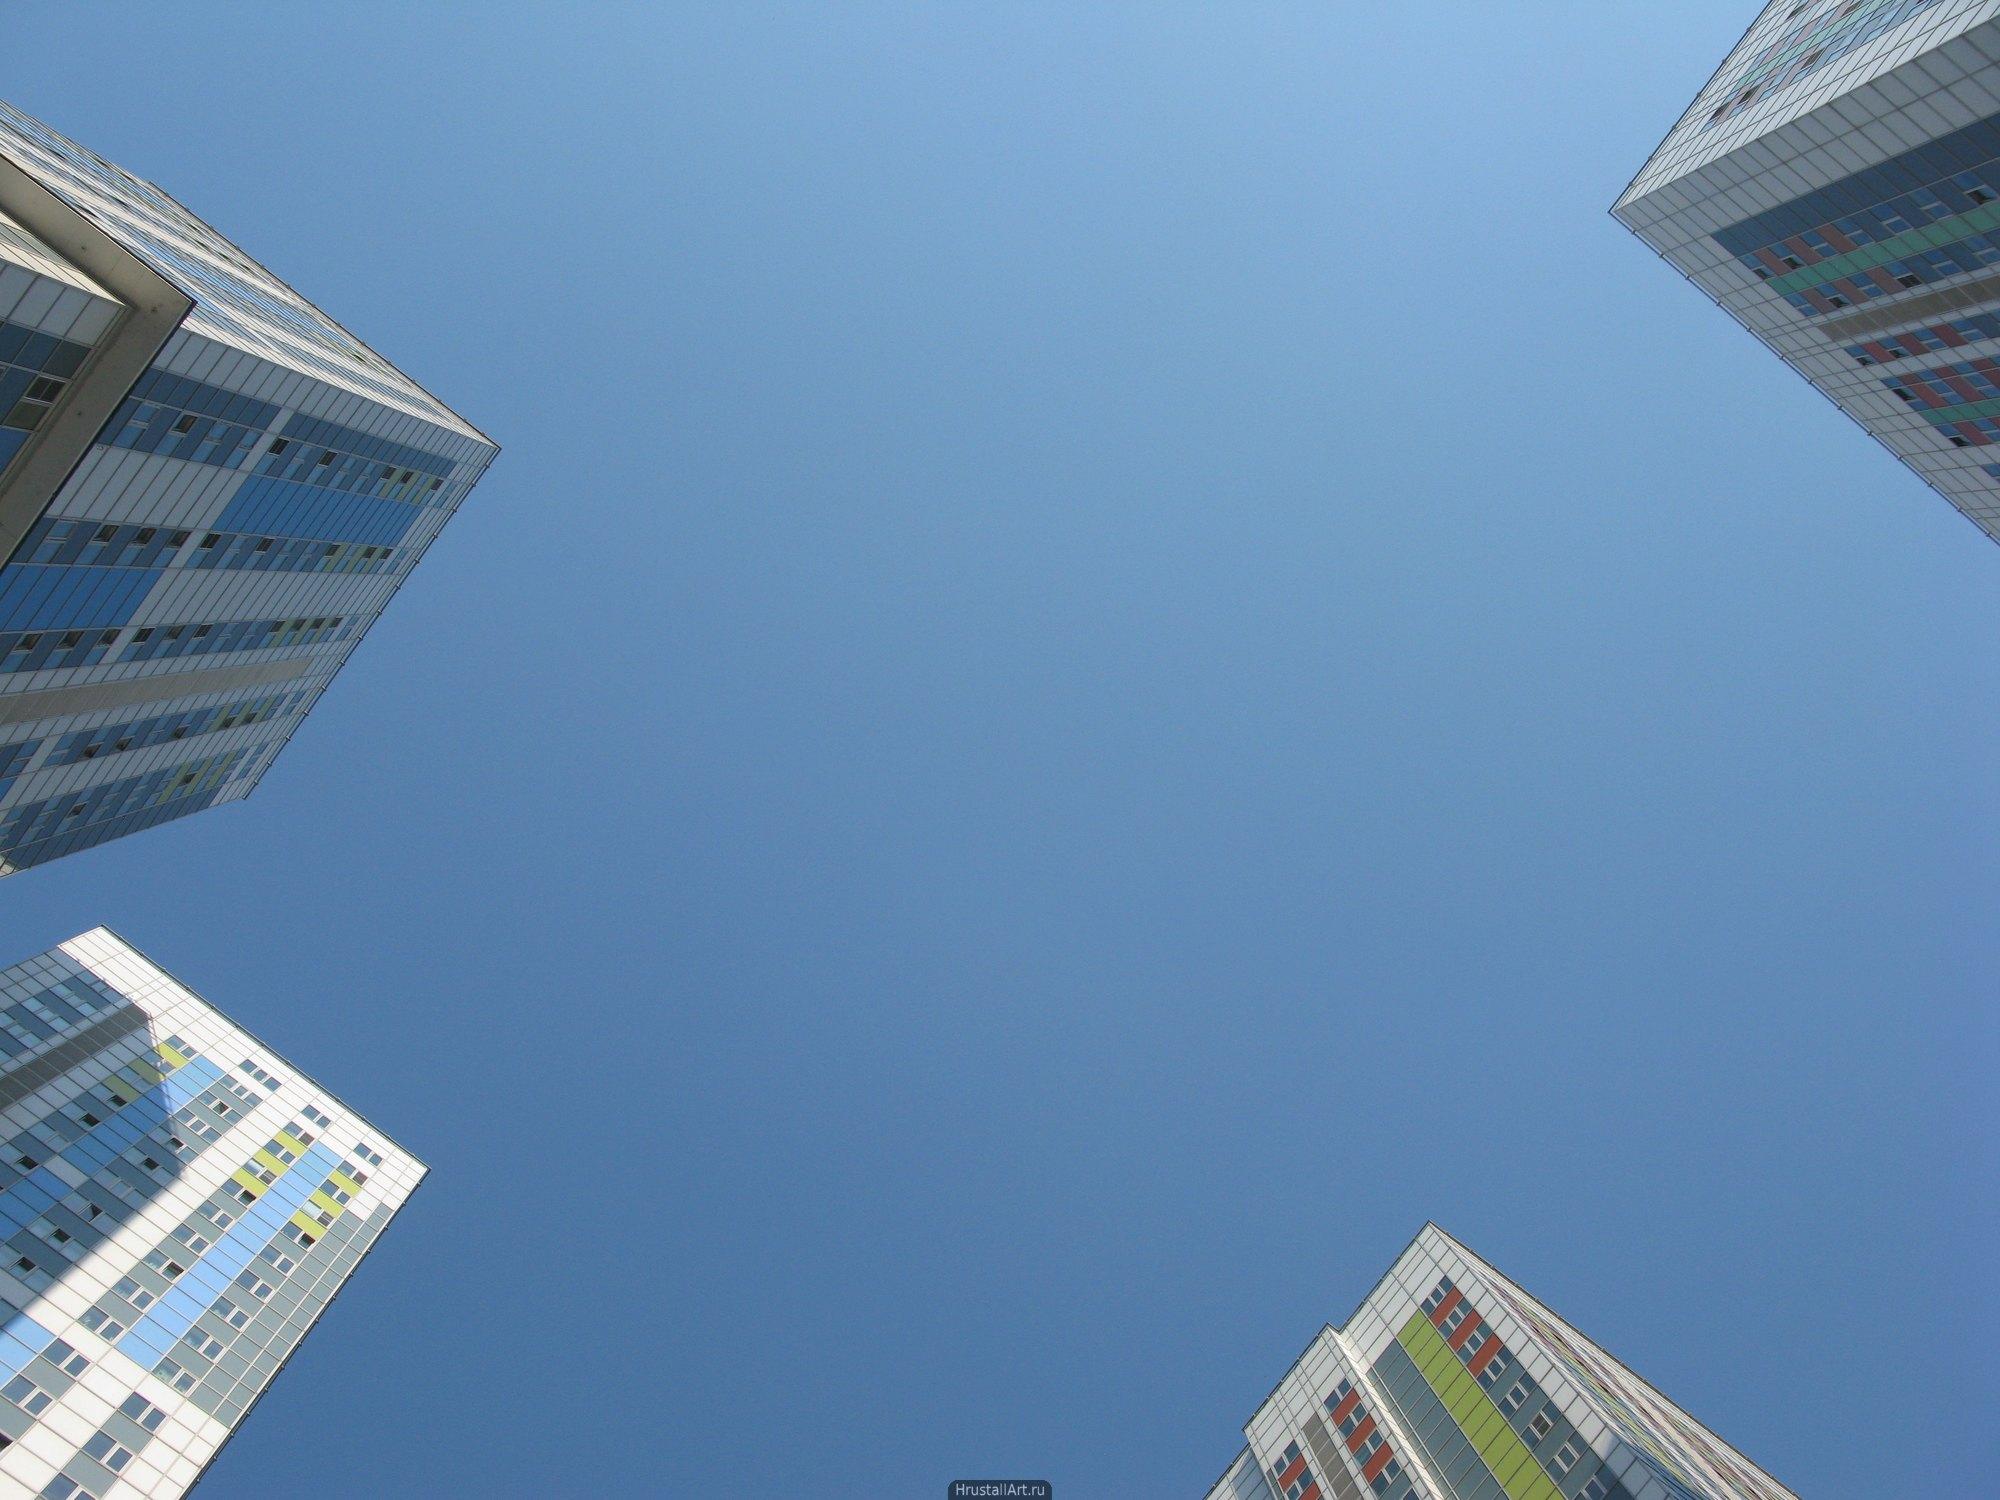 Пустота. Голубое небо в окружении углов высотных зданий.